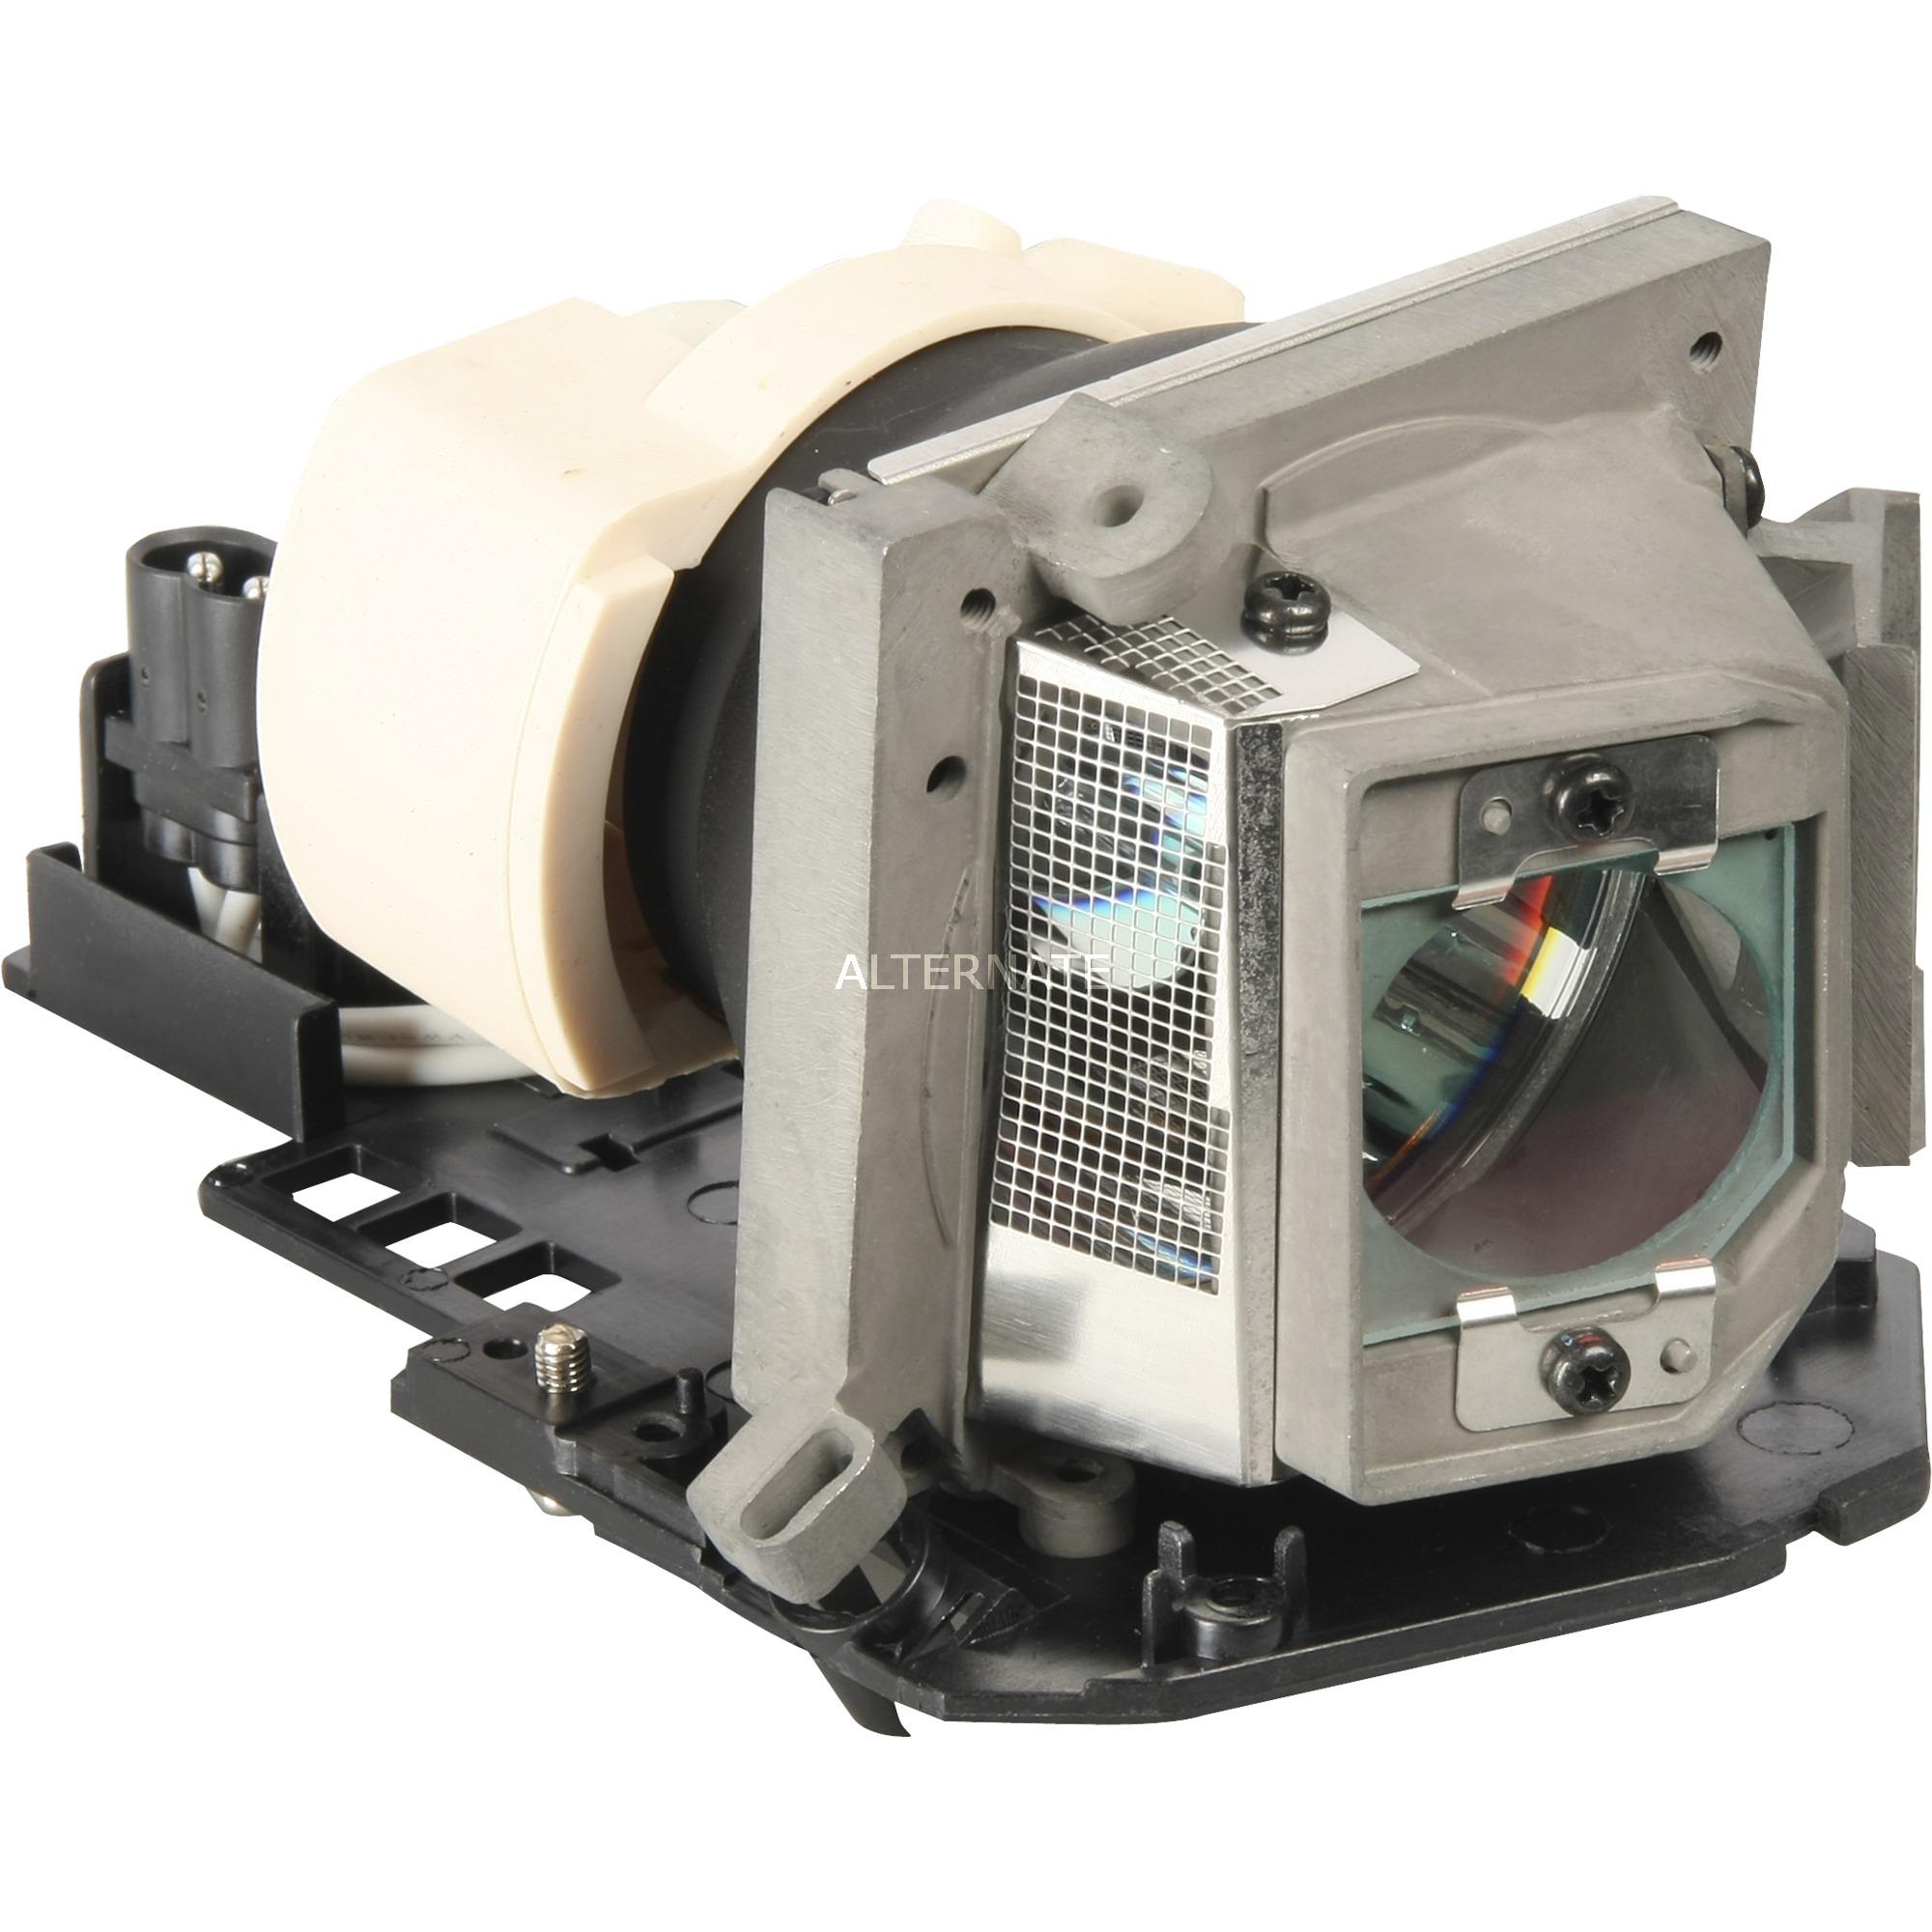 Acer Ersatzlampe für X1270, Beamer-Ersatzlampe